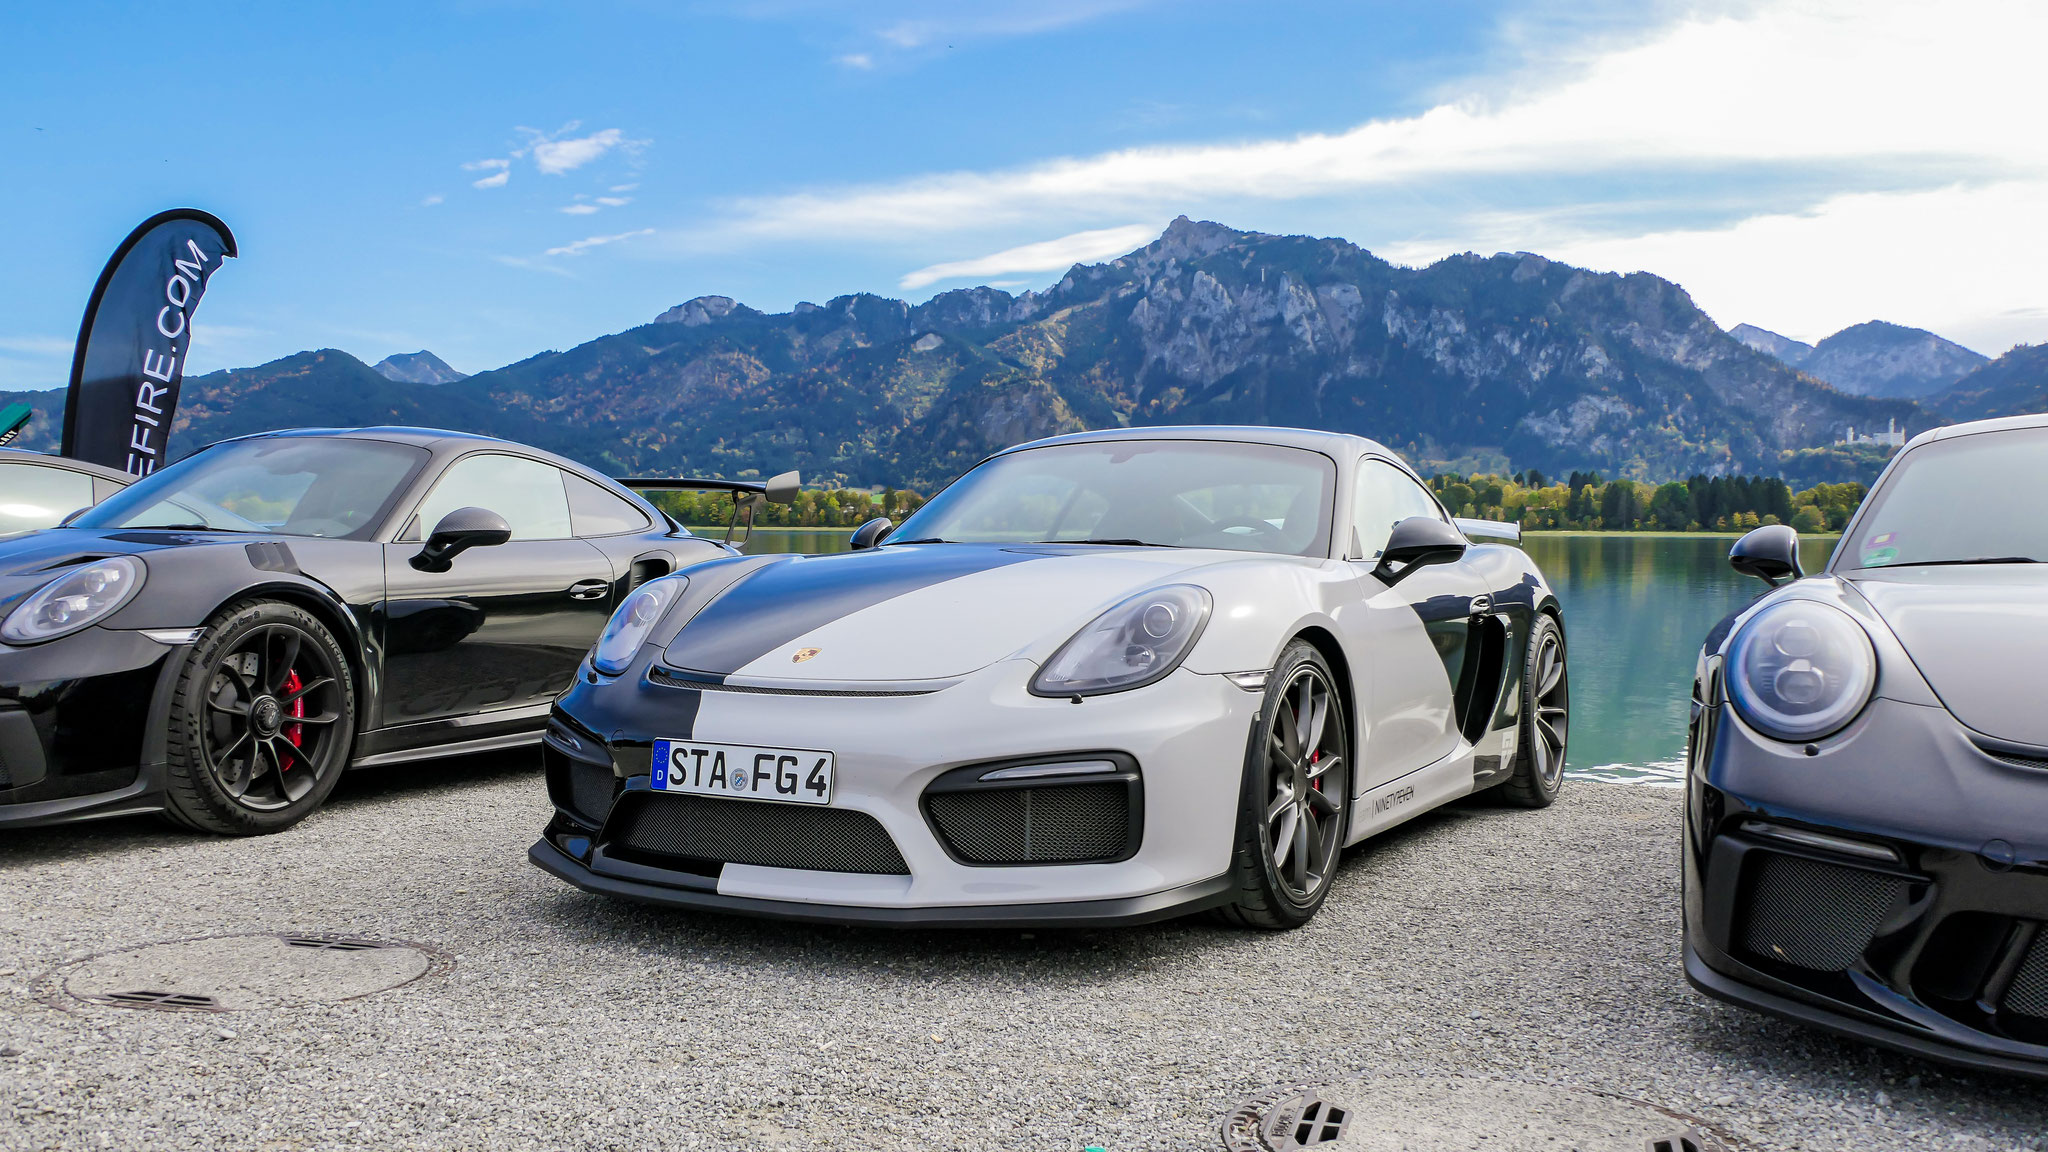 Porsche Cayman GT4 - STA-FG-4